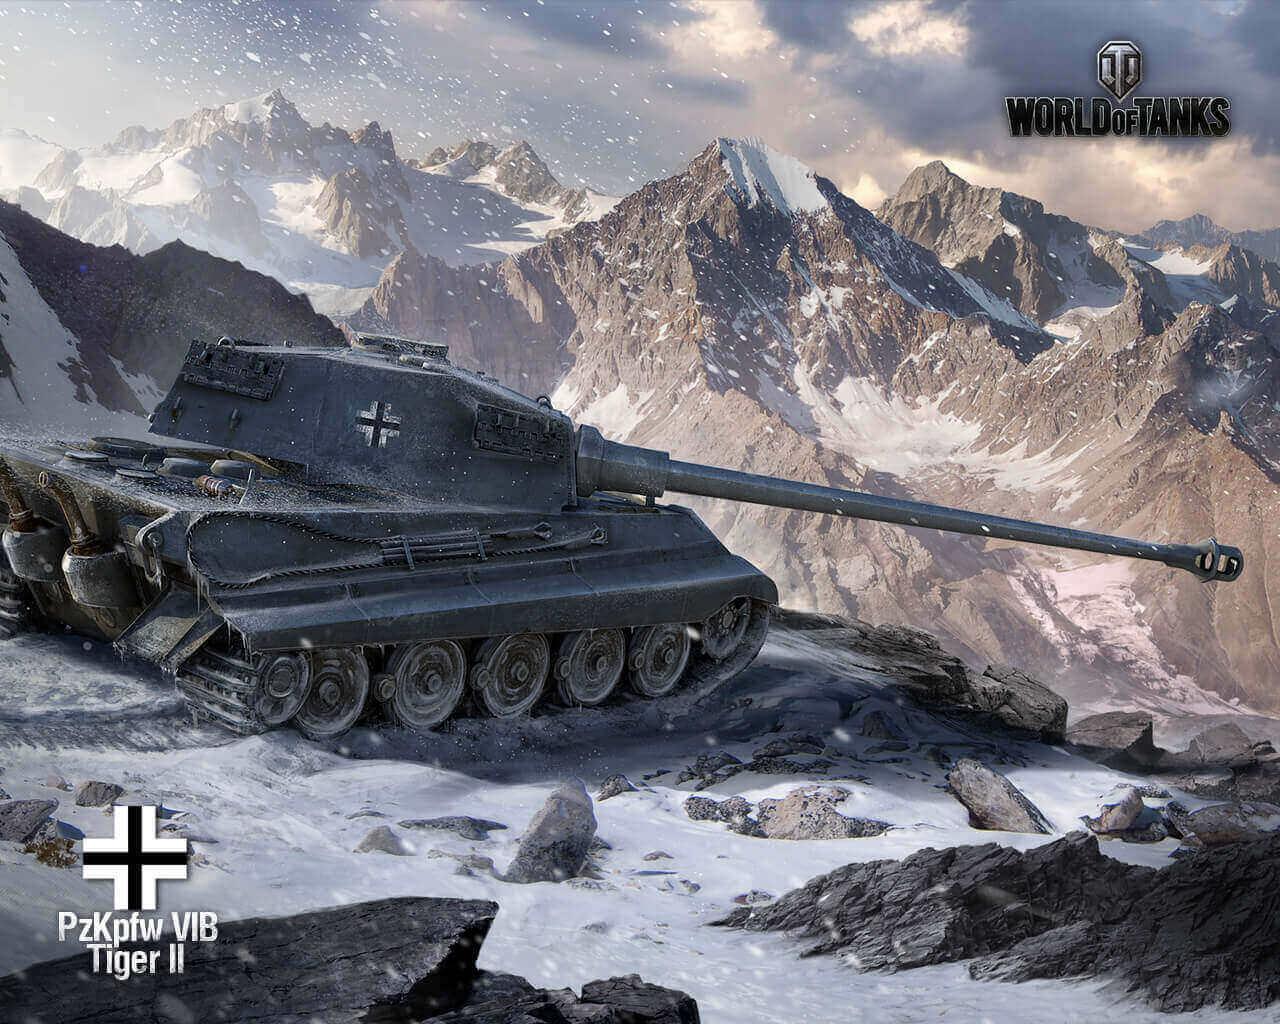 PzKpfw VIB Tiger II Posters